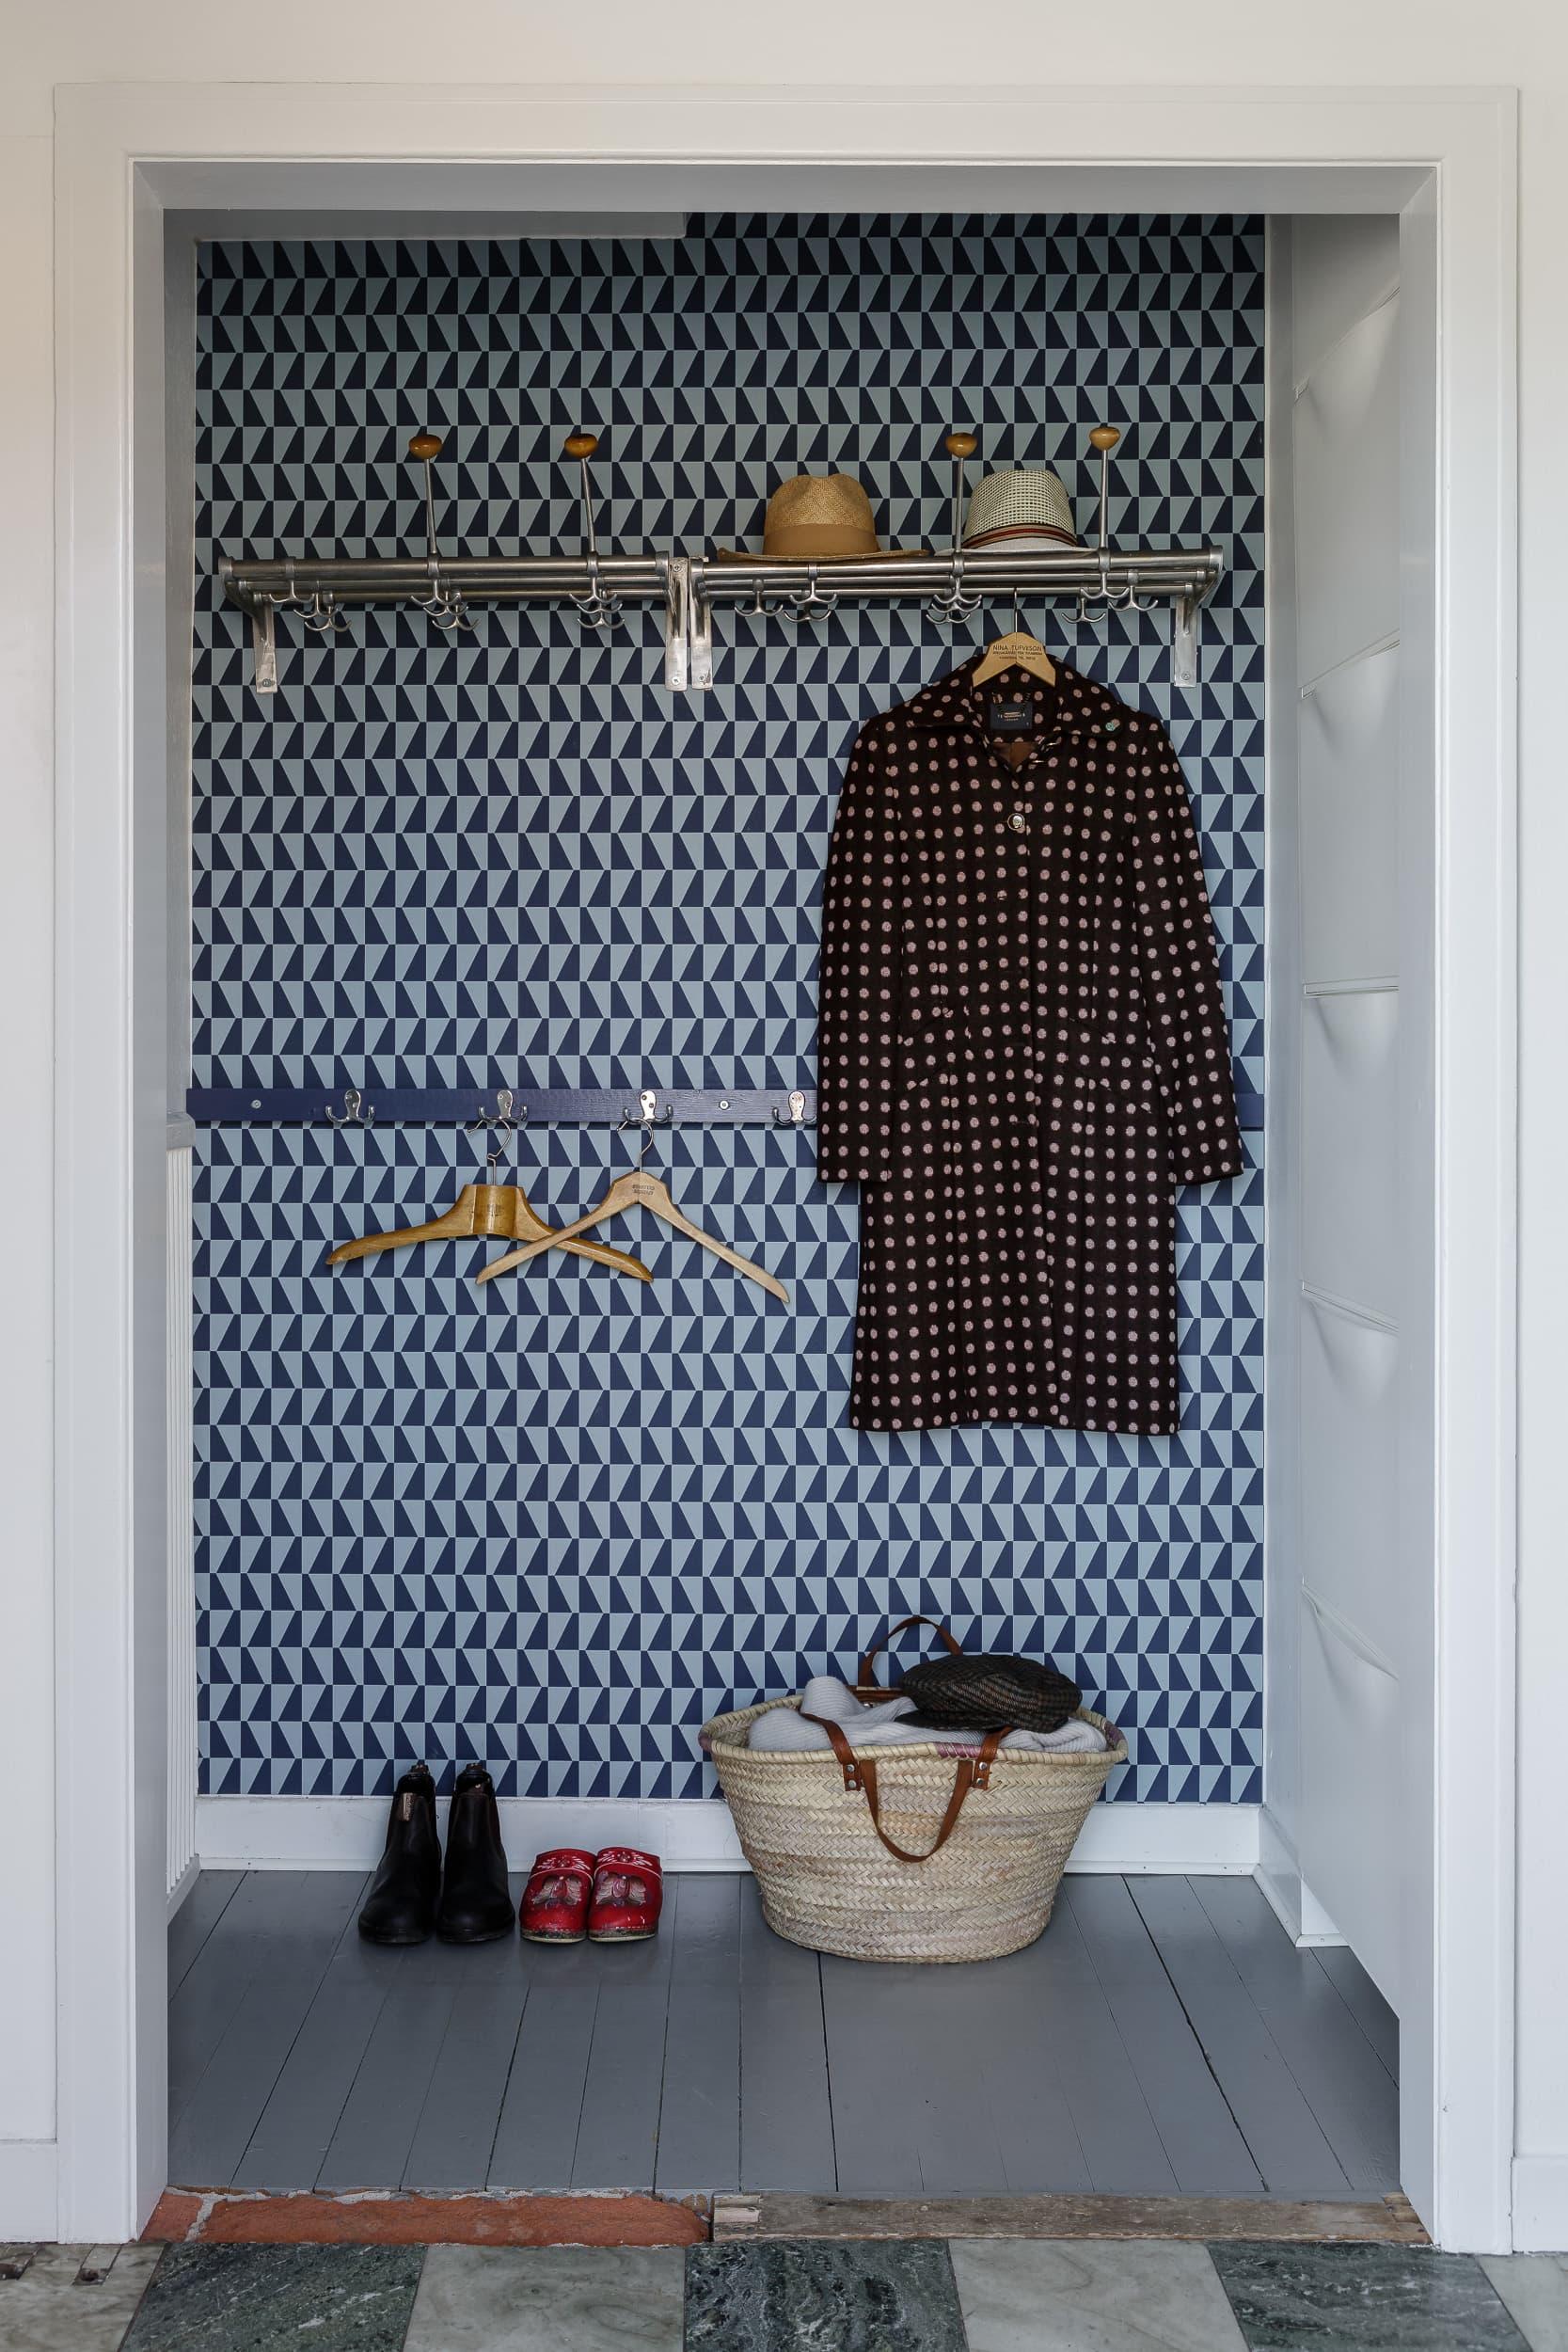 """I den lilla """"groventrén"""" ligger Borghamnsmarmor på golvet. Familjen har nyligen tapetserat väggen med tapeten från kollektionen Wallpapers by Scandinavian designers, Boråstapeter, som bär Arne Jacobsens klassiska mönster."""